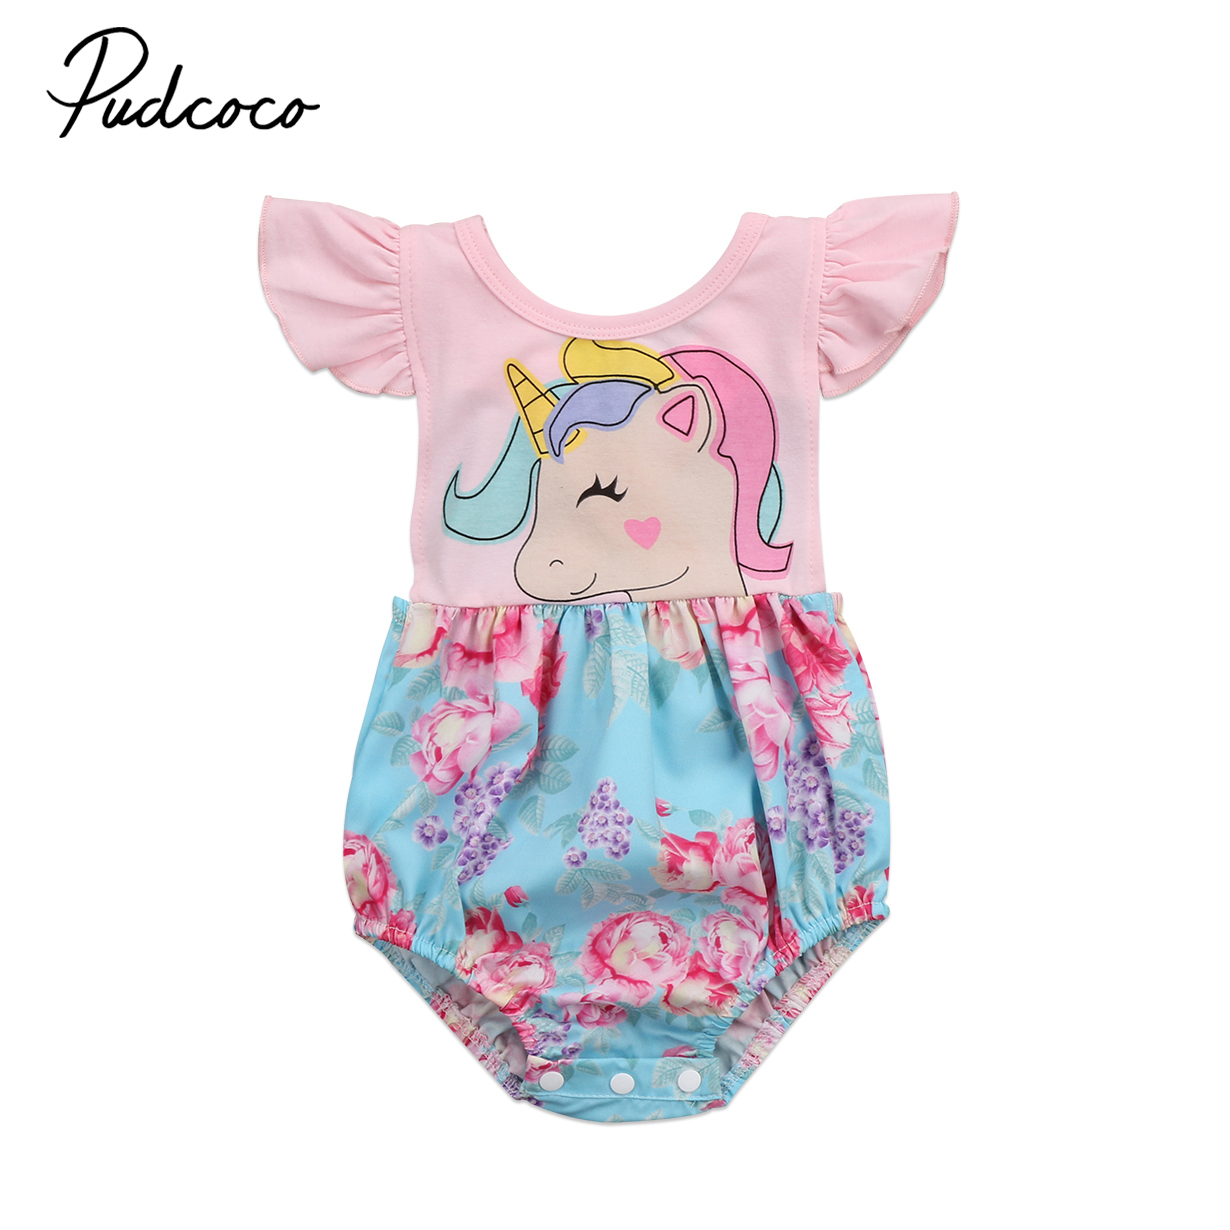 Pudcoco Neugeborenen Kleinkind Baby Mädchen Schulterfrei Strampler Ananas Print Jumpsuit Baby Mädchen Sommer Kleidung Strampelanzüge